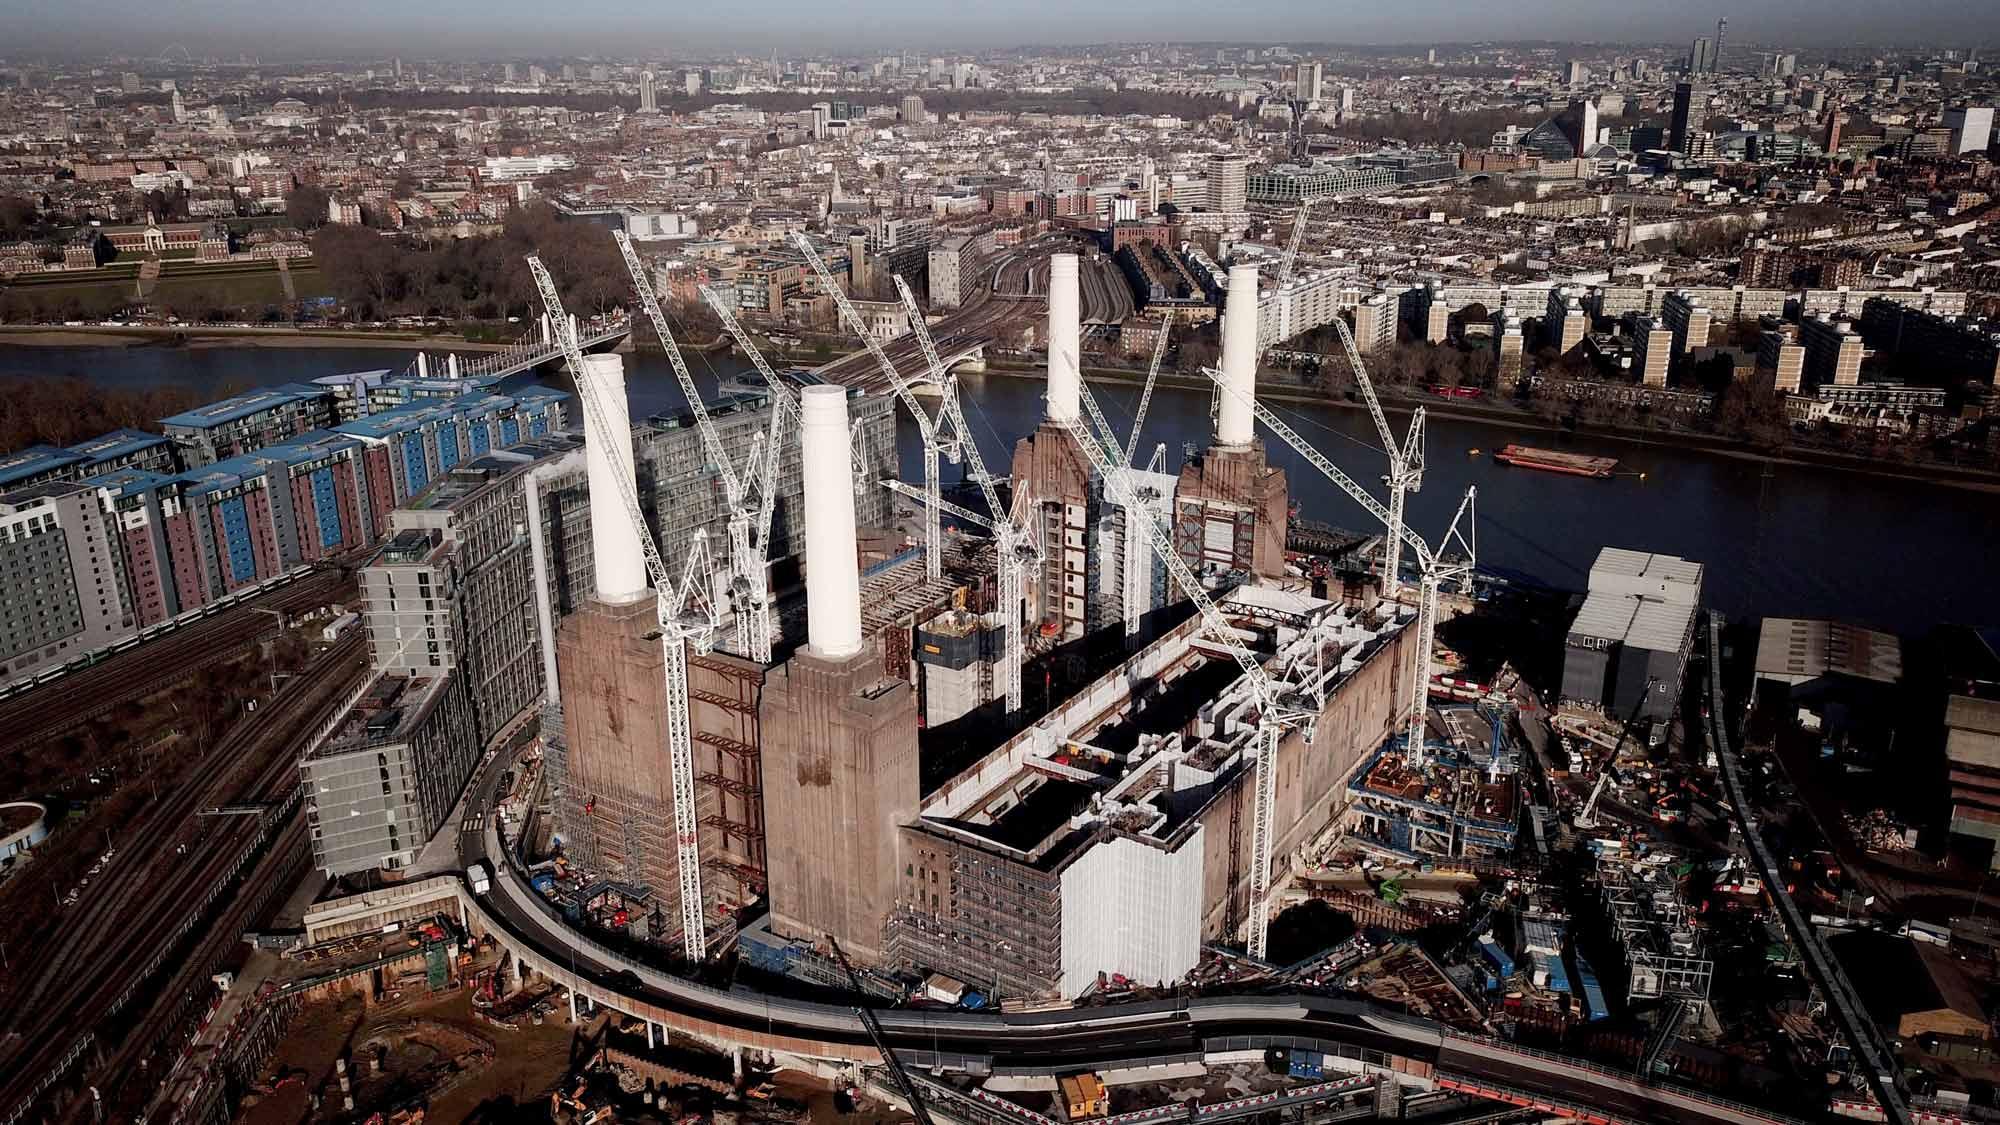 Battersea Power Station & One 9 Elms re-development